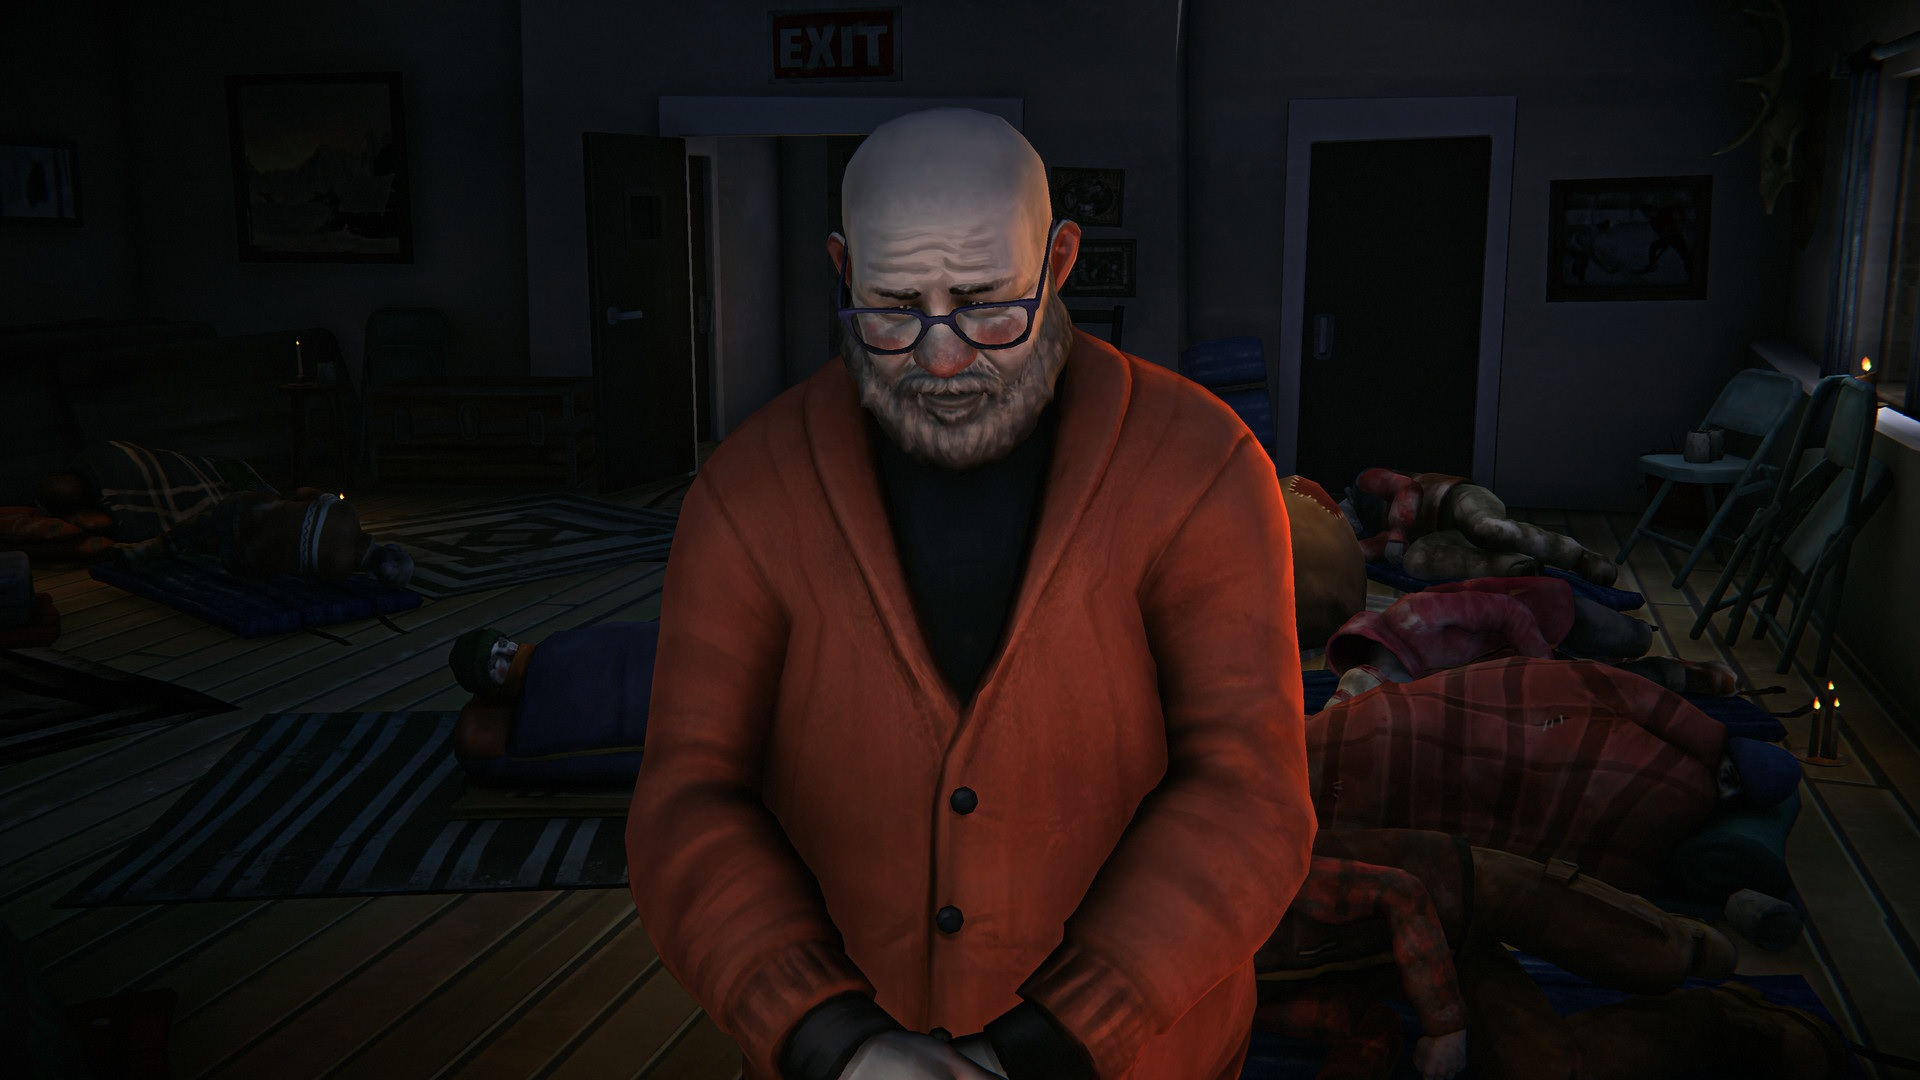 The Long Dark lleva su supervivencia extrema a una cárcel con su nueva actualización